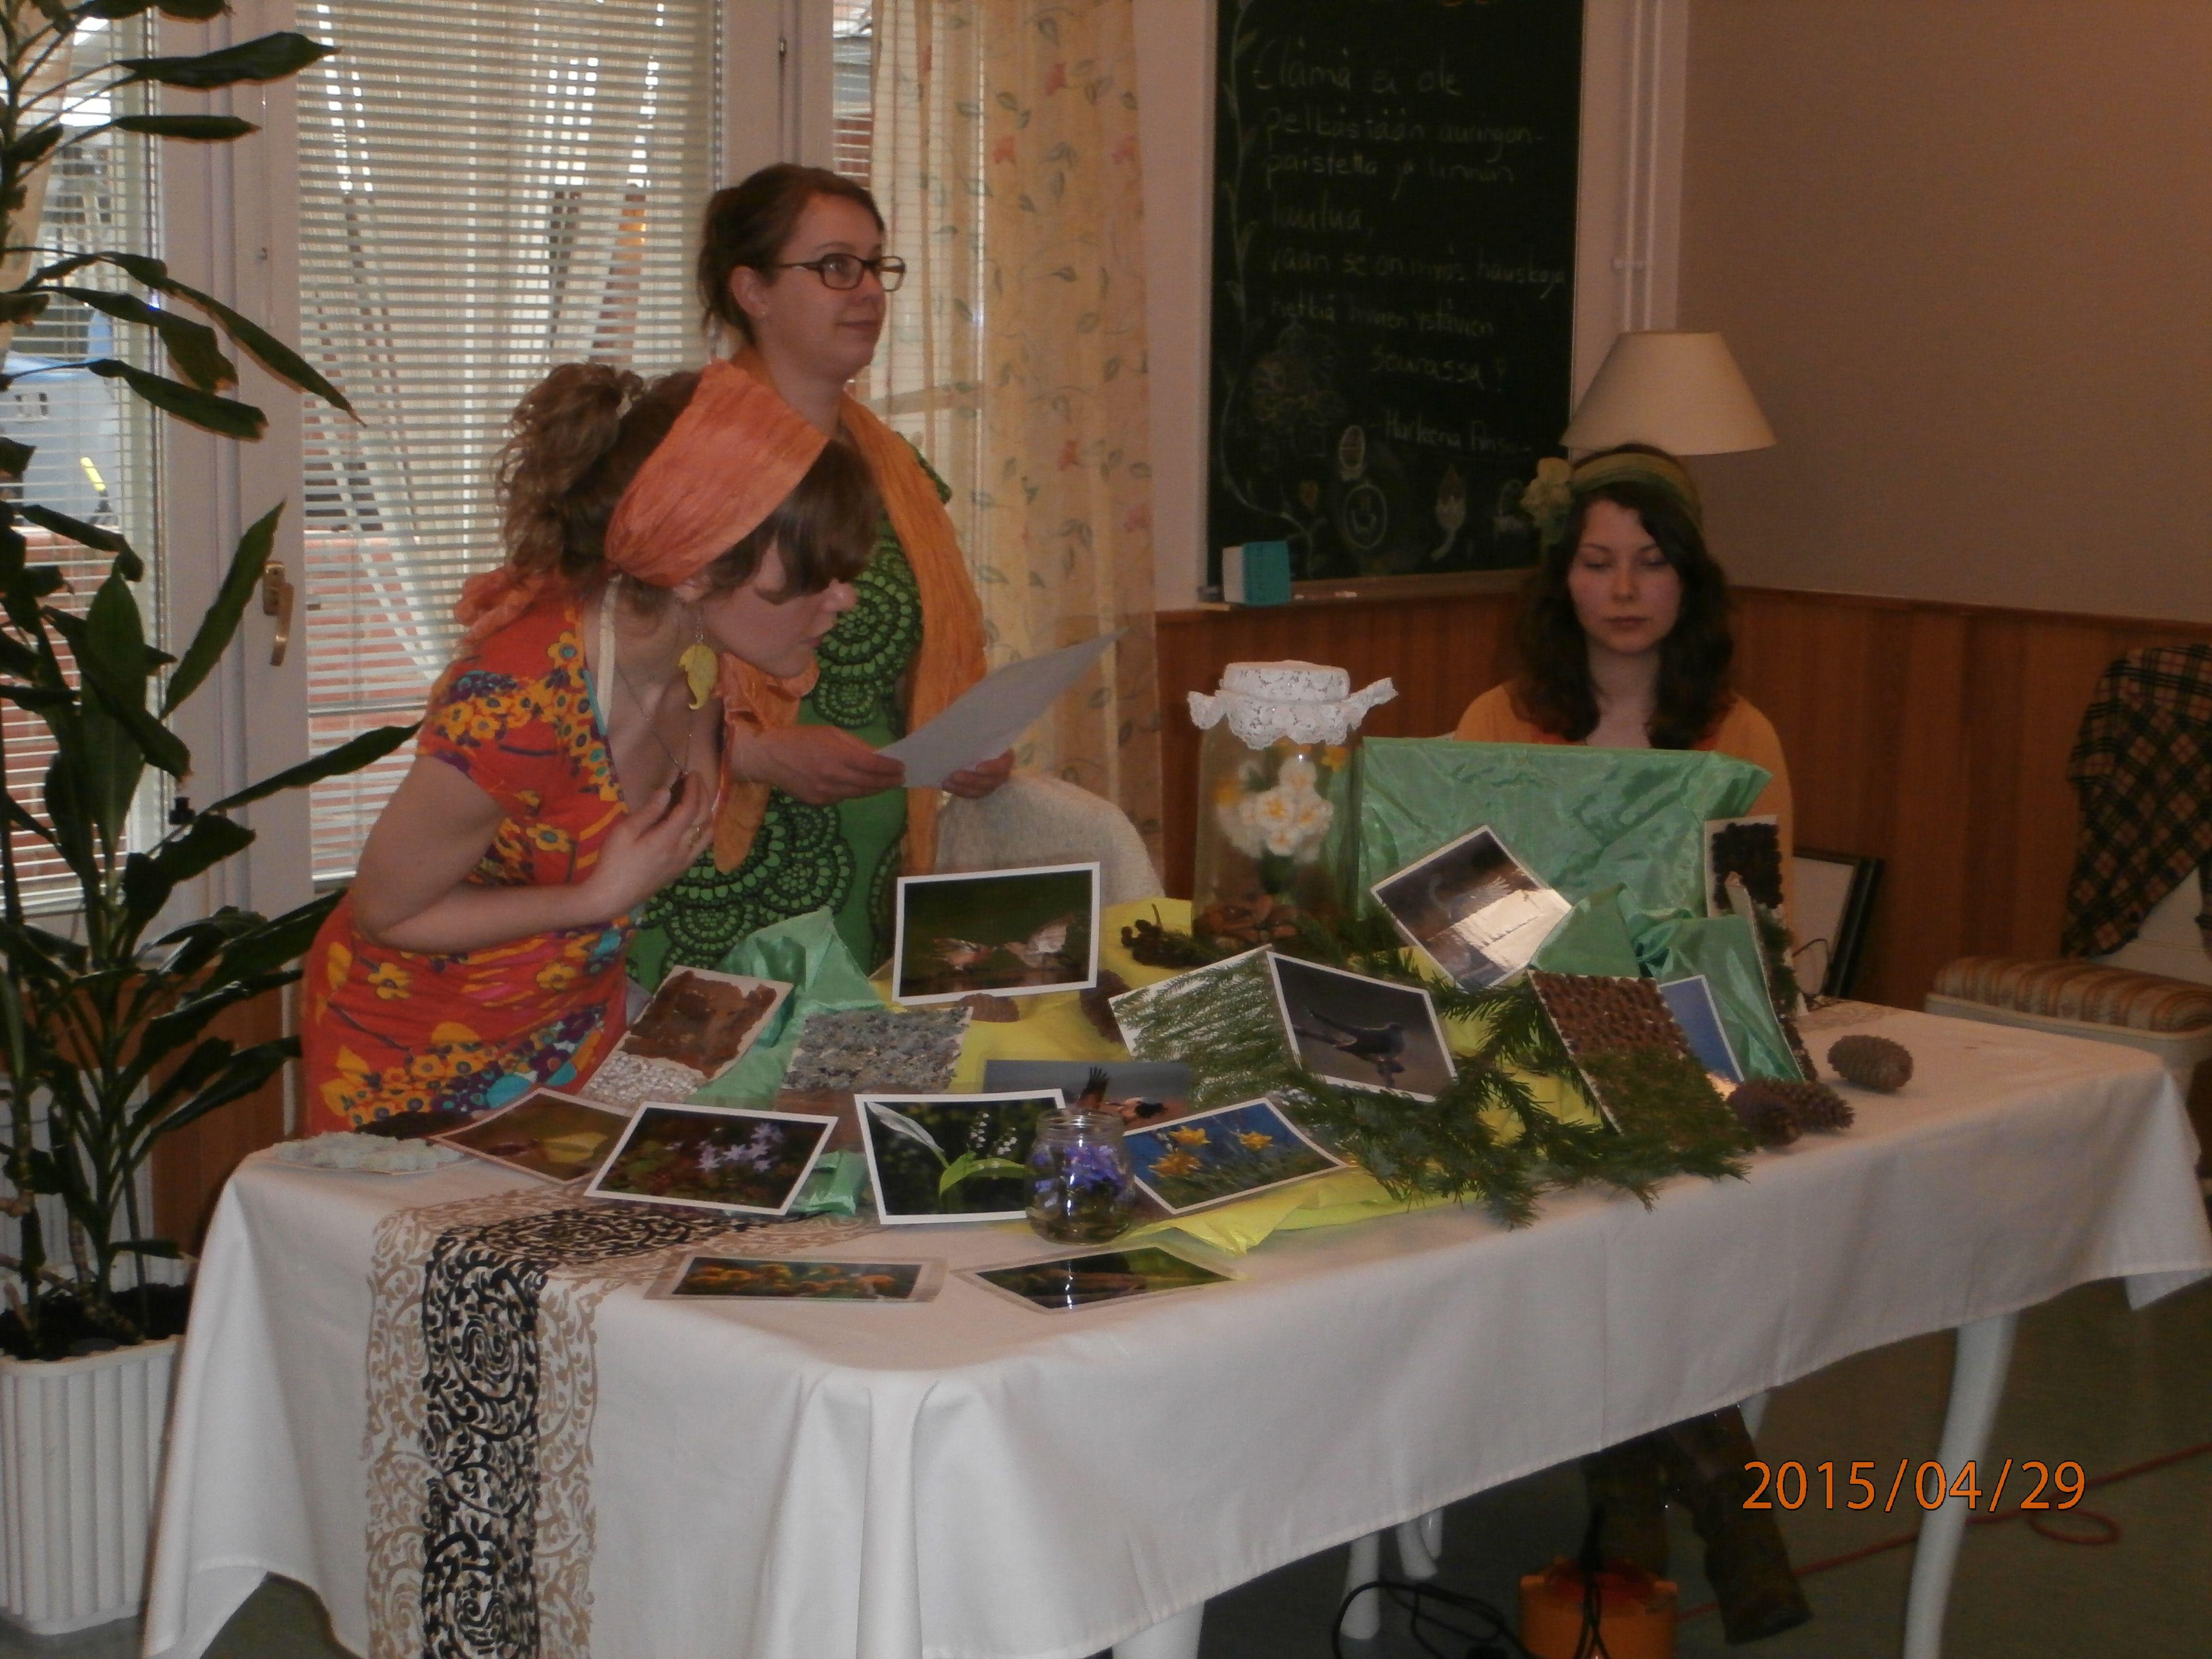 Osaran luonto- ja ympäritöneuvoja opiskelijat vierailivat toistamiseen Kurjenmäkikodilla. Seuraamaan pääsi omena ja persikka.